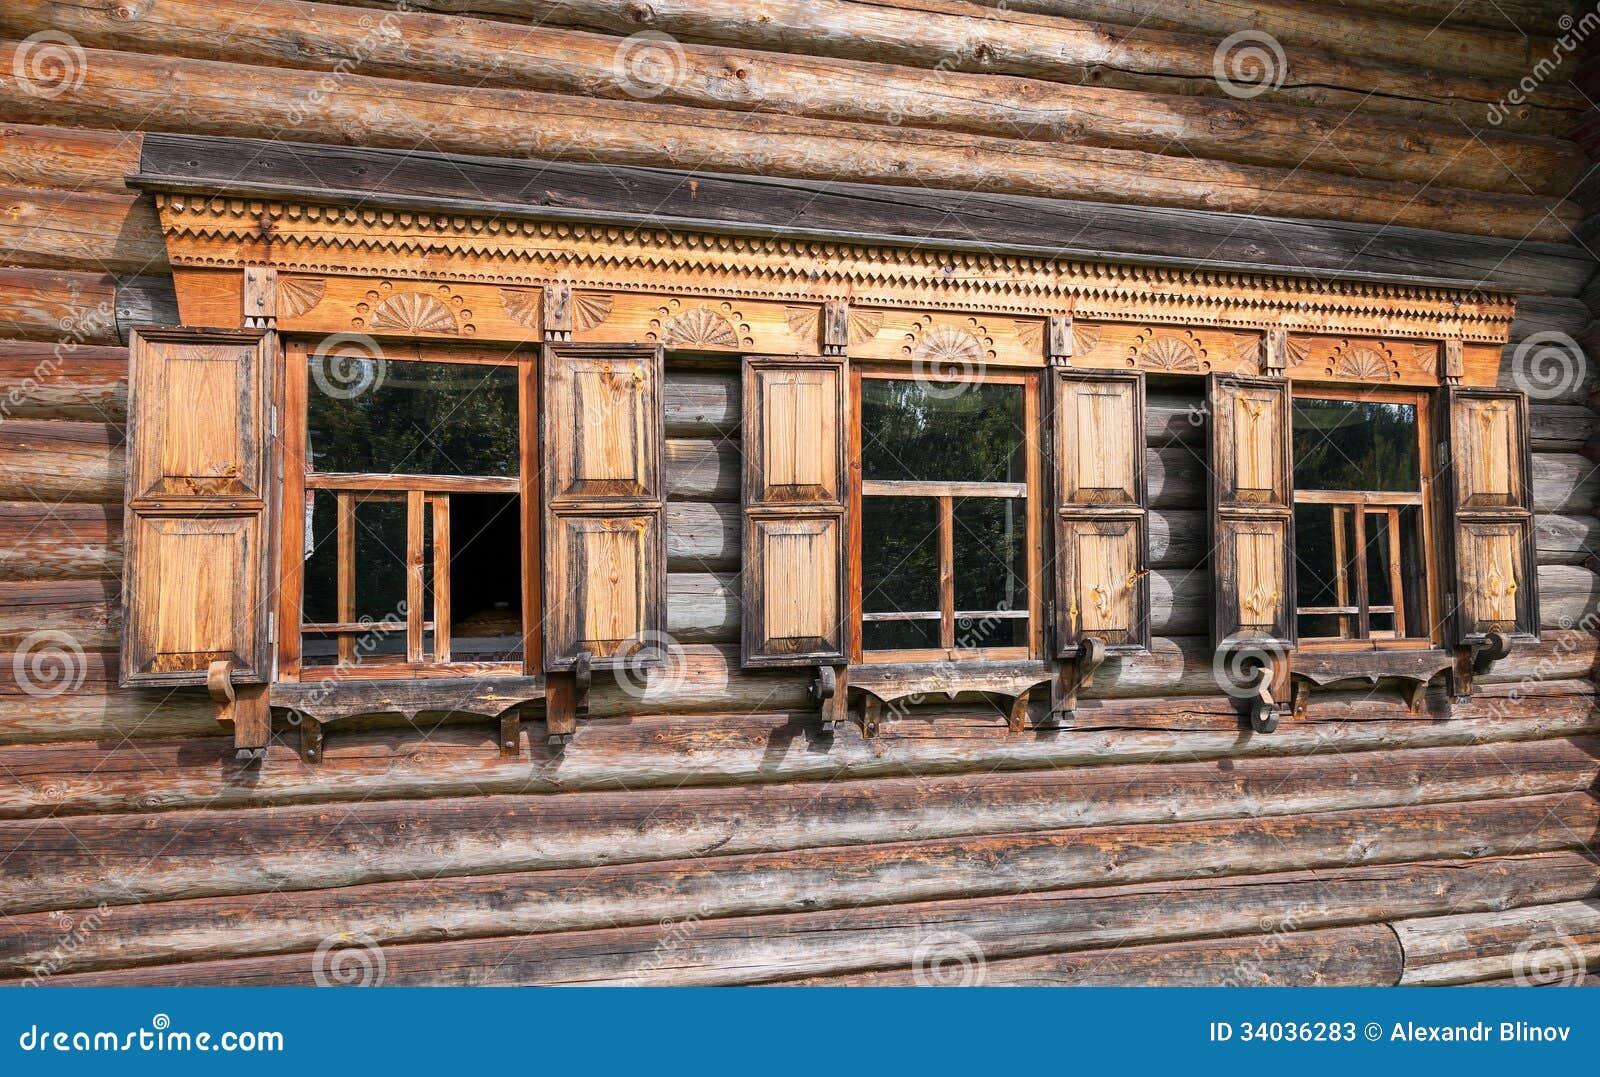 Fachada de la casa de madera rusa tradicional fotos de - La casa de madera ...